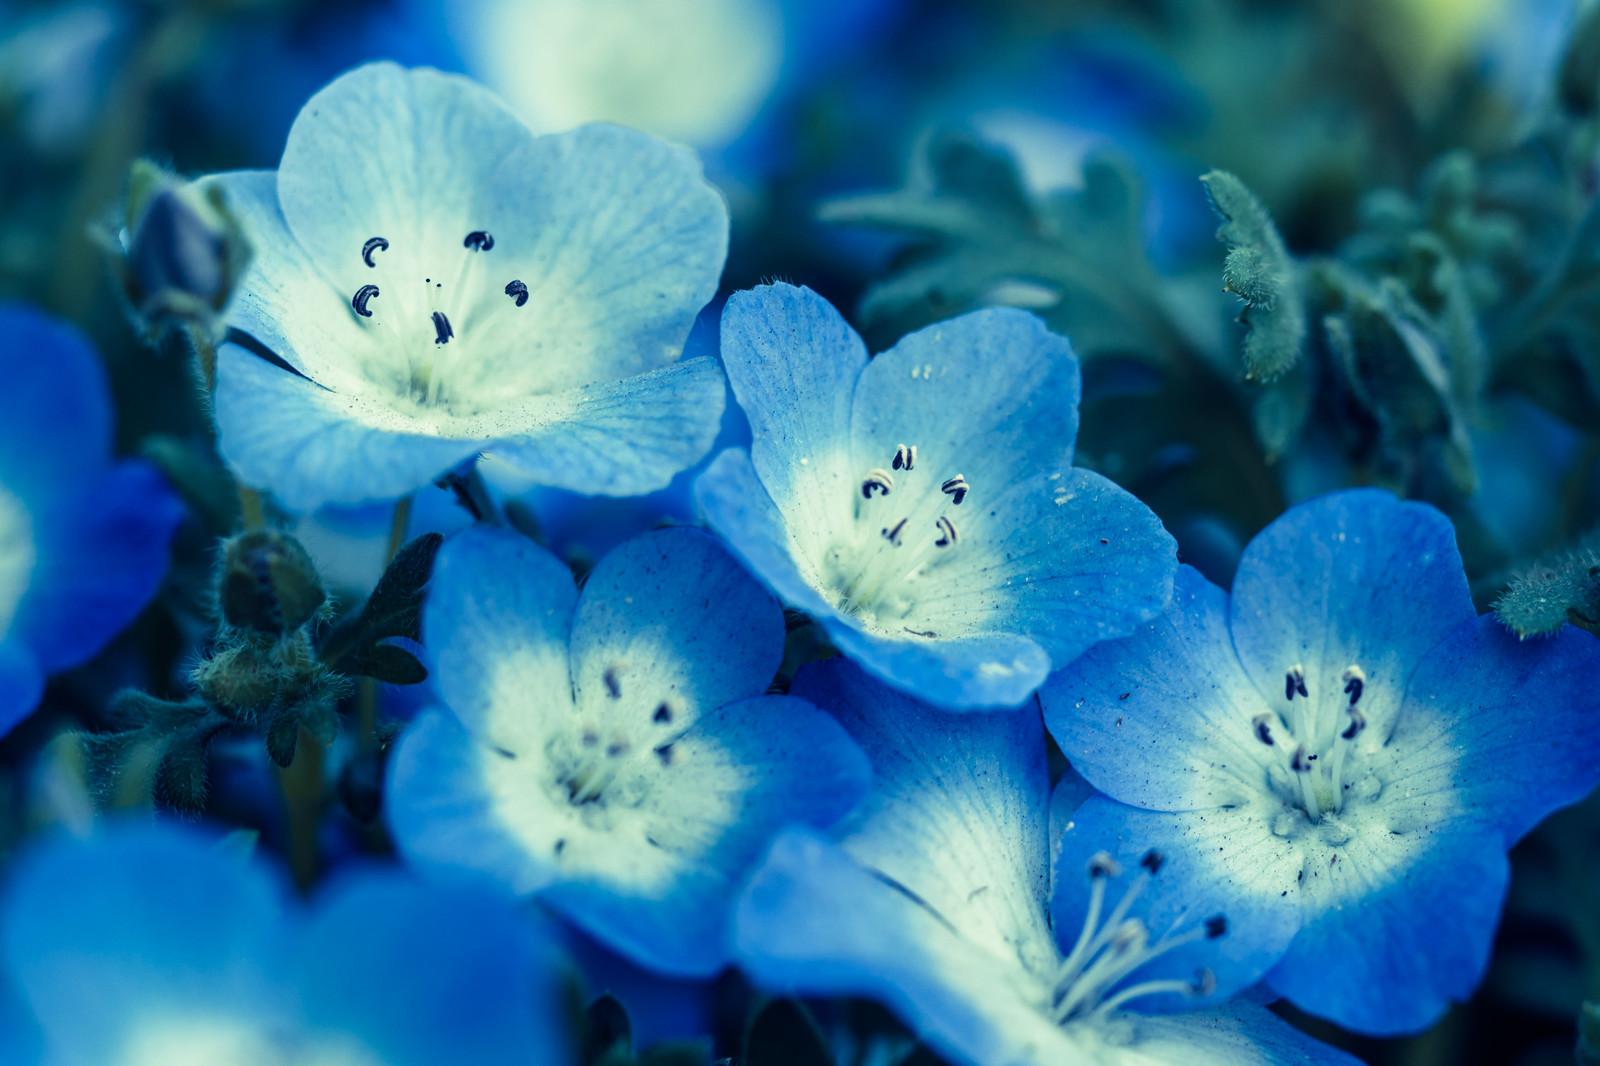 【ジブリの詰め合わせ!?】デート的映画批評#3「メアリと魔女の花」【賛否両論】